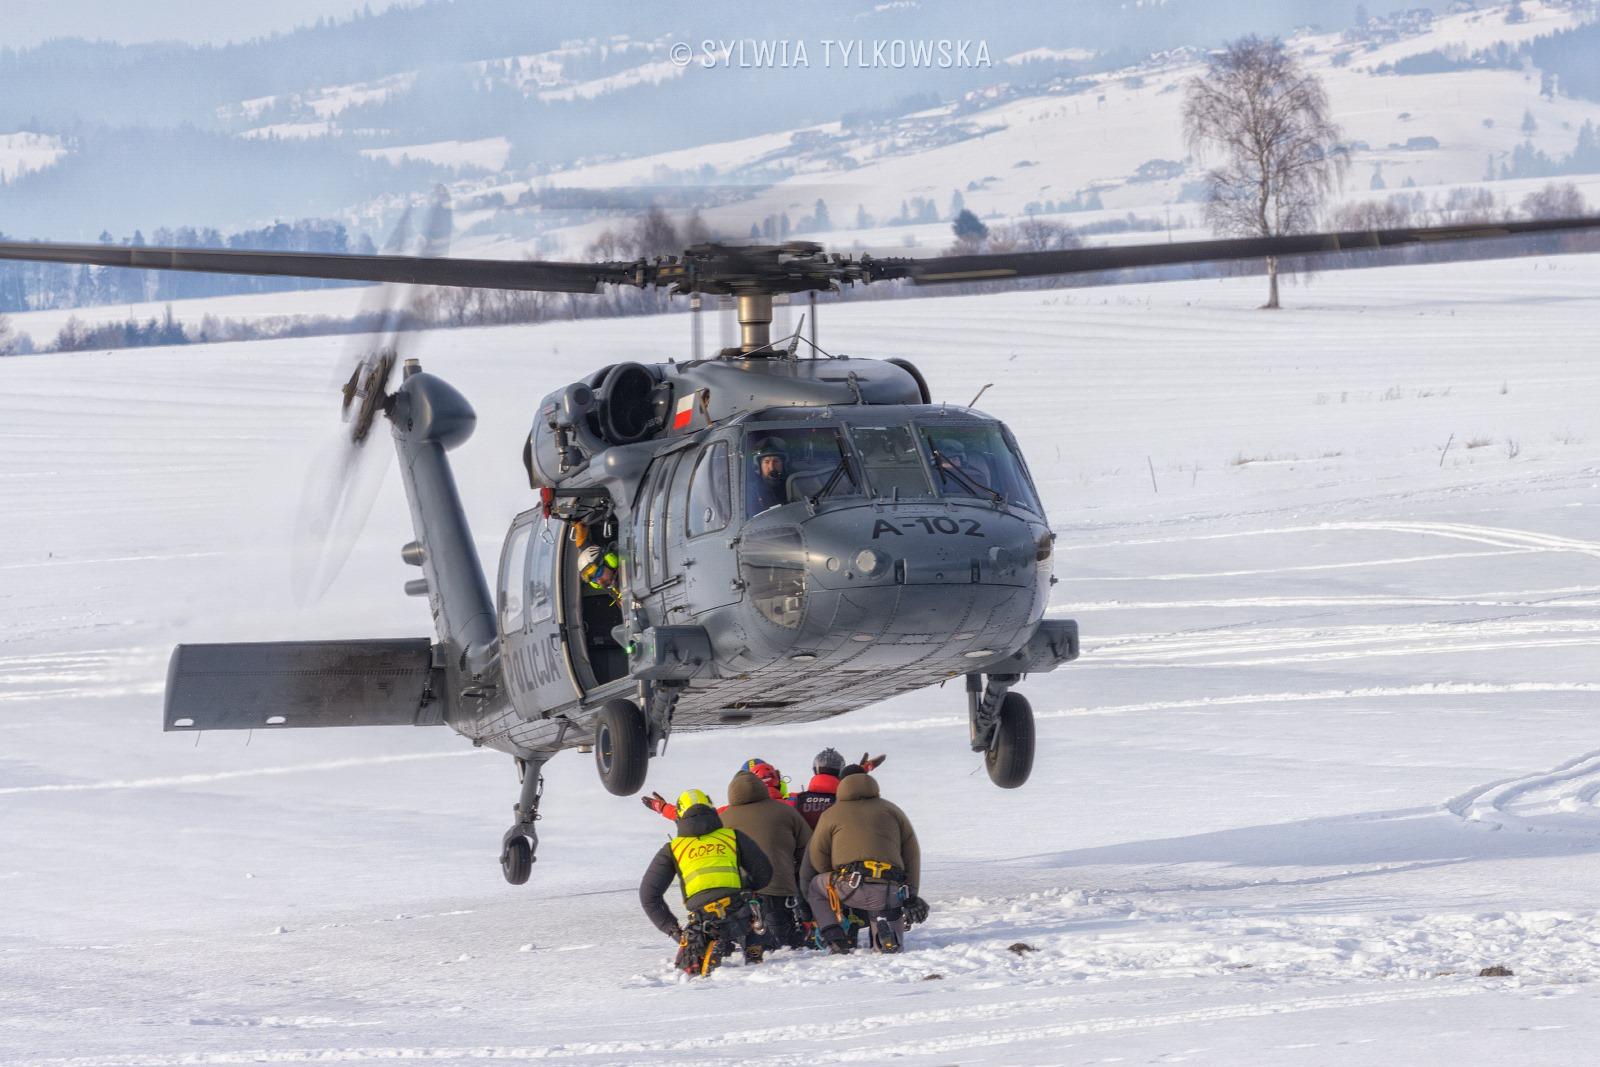 GOPR szkoli się na śmigłowcowu Sikorsky S-70 I Blackhawk [ZDJĘCIA+VIEDO] - Zdjęcie główne